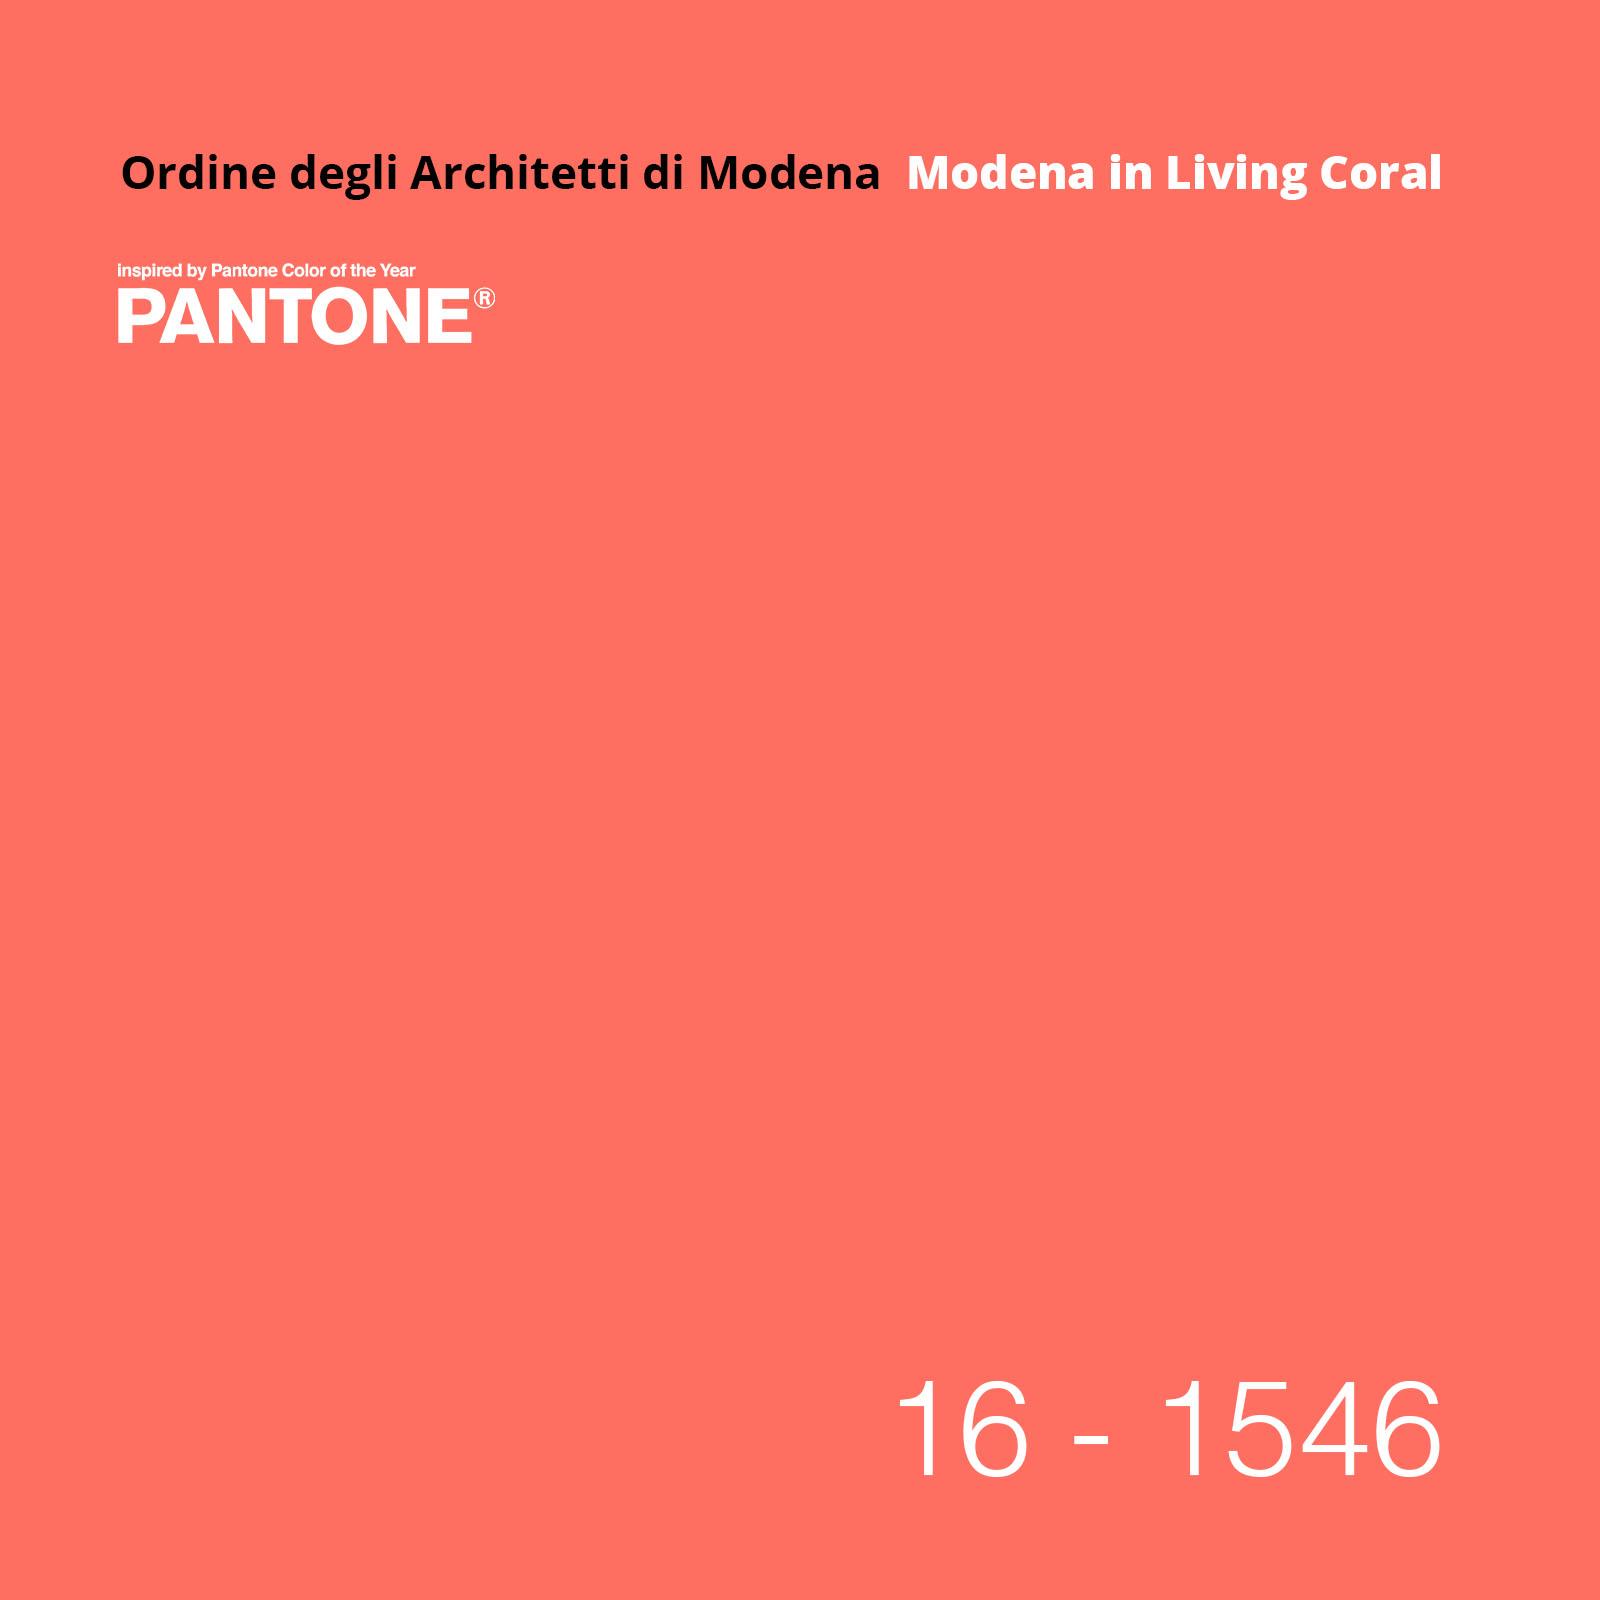 Installazione collettiva - Modena in Living Coral